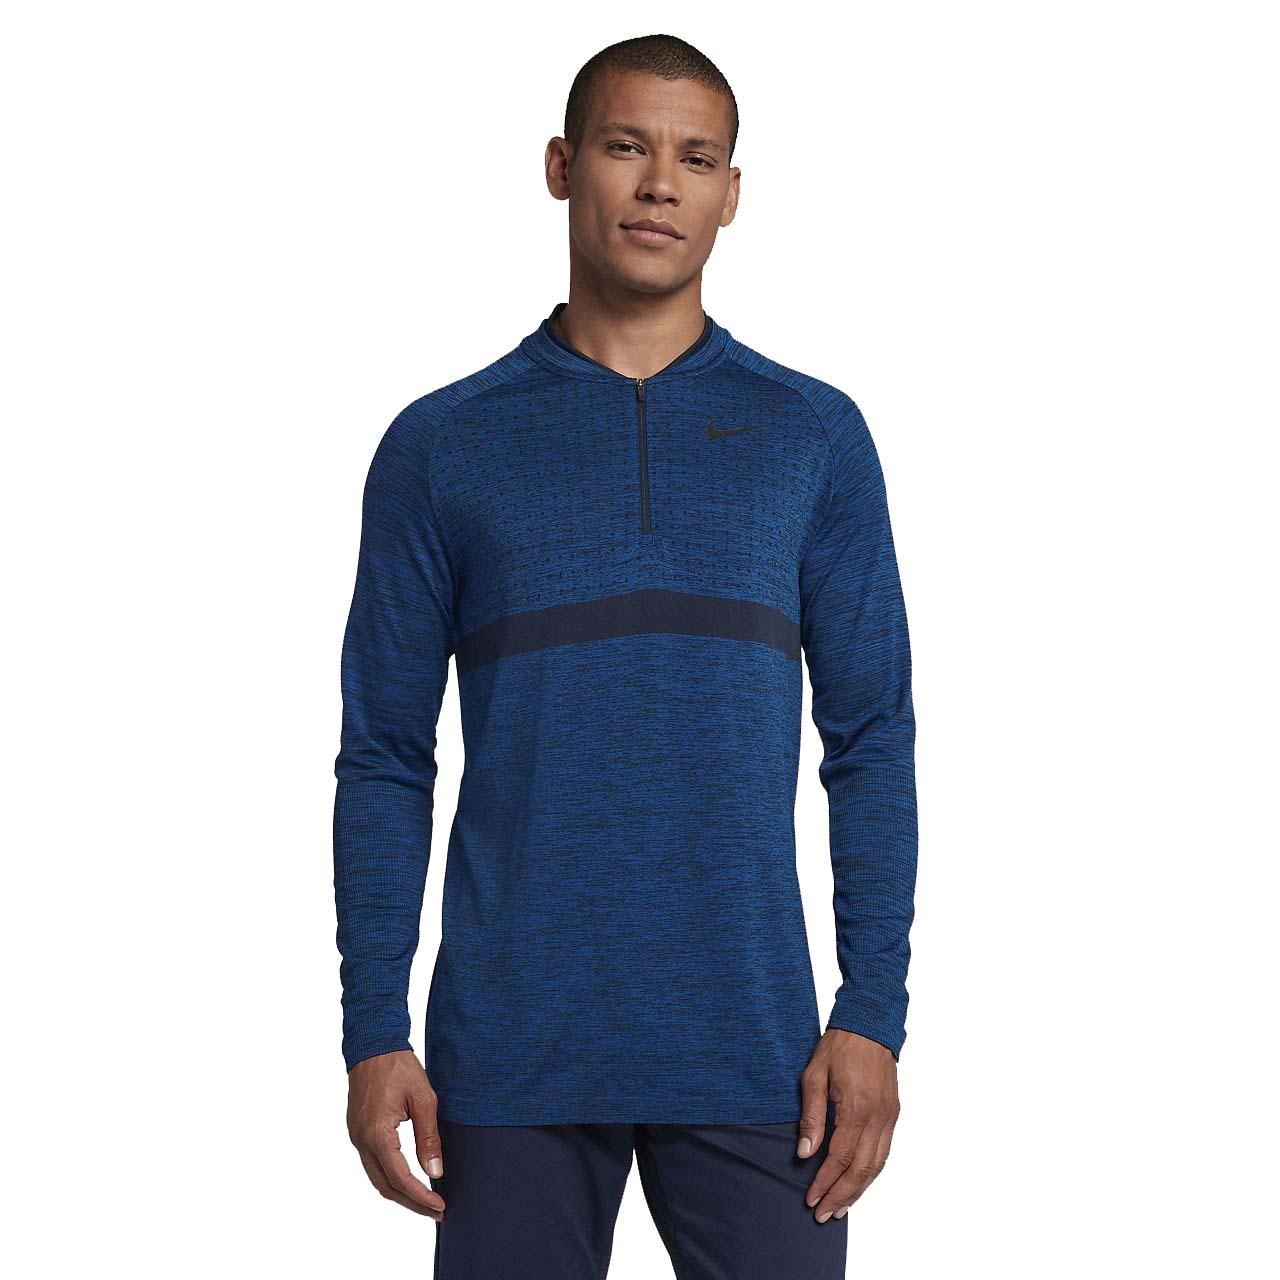 fda1563e431f Nike Men s Dri-Fit Half Zip Golf Top